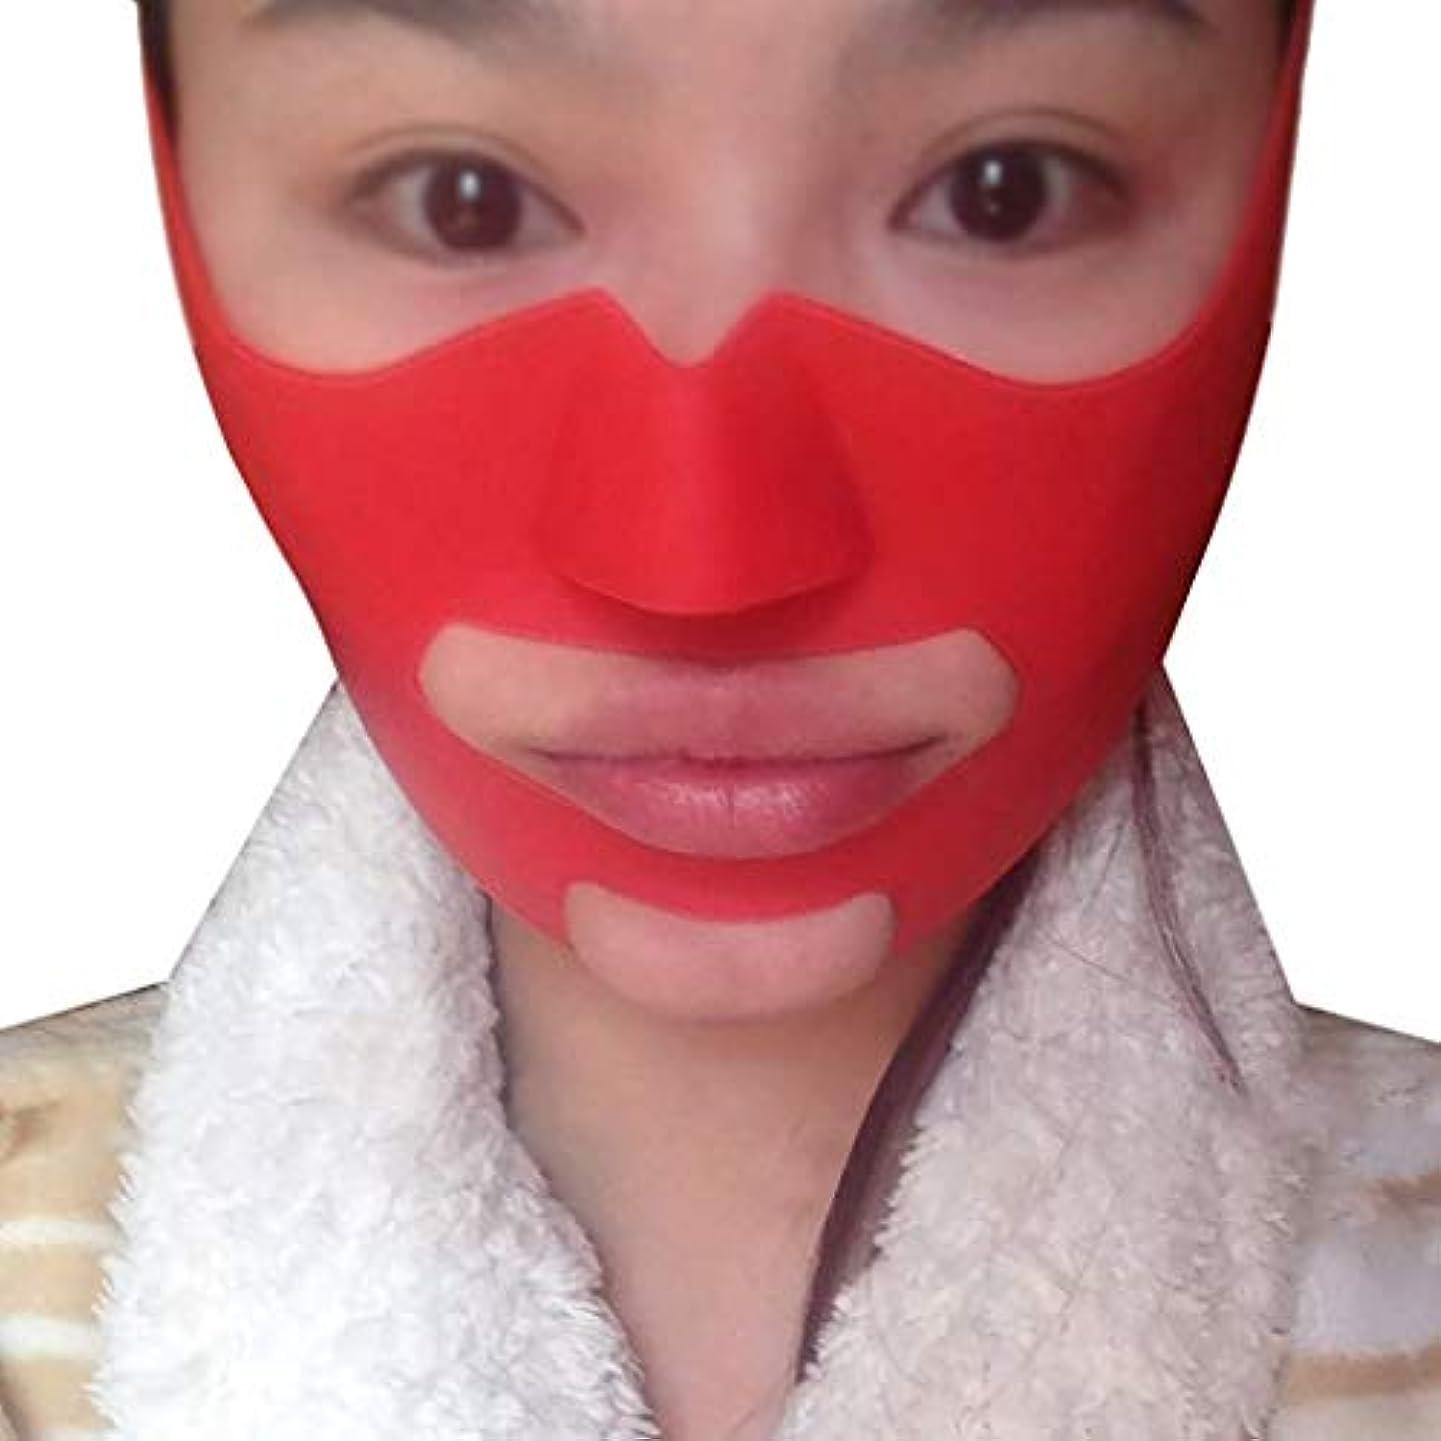 勢いカメ広いフェイスリフトマスク、シリコーンVフェイスマスクフェイスマスク強力な薄い咬筋筋肉を持ち上げるアップルの筋肉パターン布アーティファクト小さなV顔包帯顔と首リフト